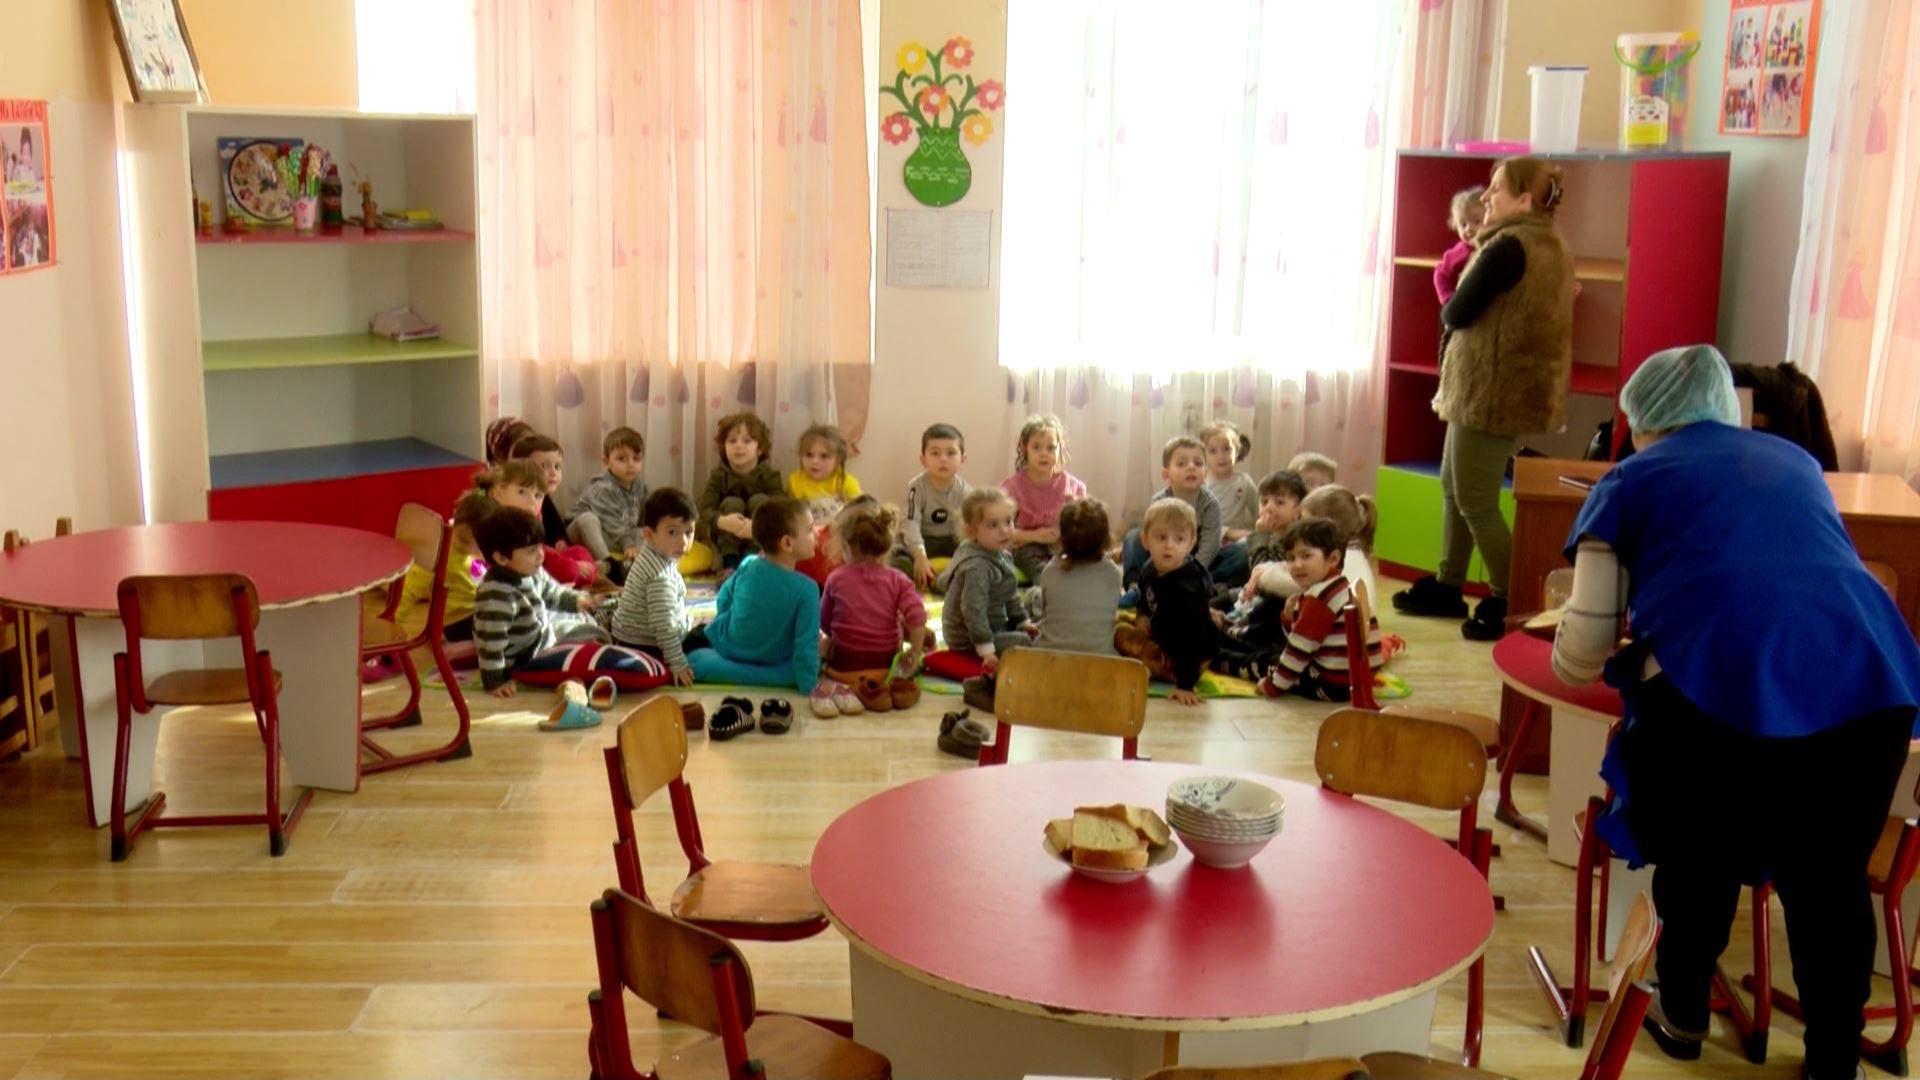 არაკრიტიკული შეუსაბამობები აჭარის საბავშვო ბაღებში